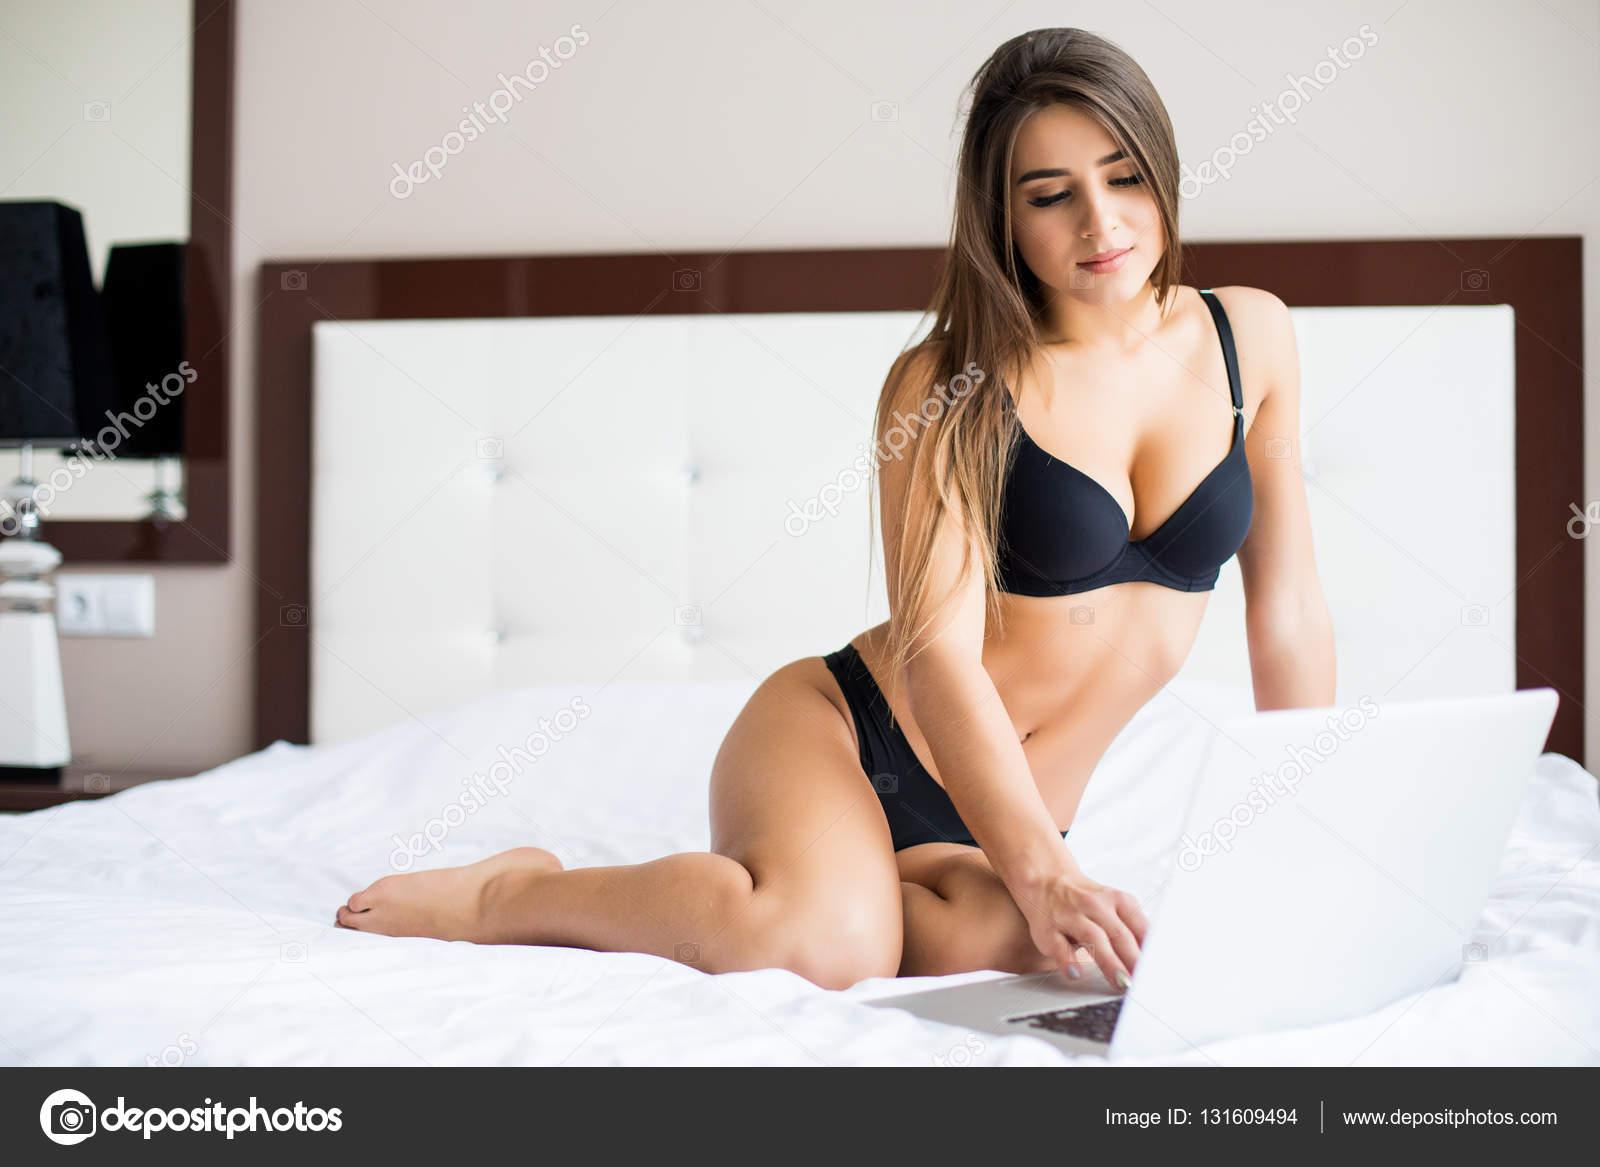 devushki-v-posteli-foto-v-bele-sayt-lyubiteley-porno-v-onlayn